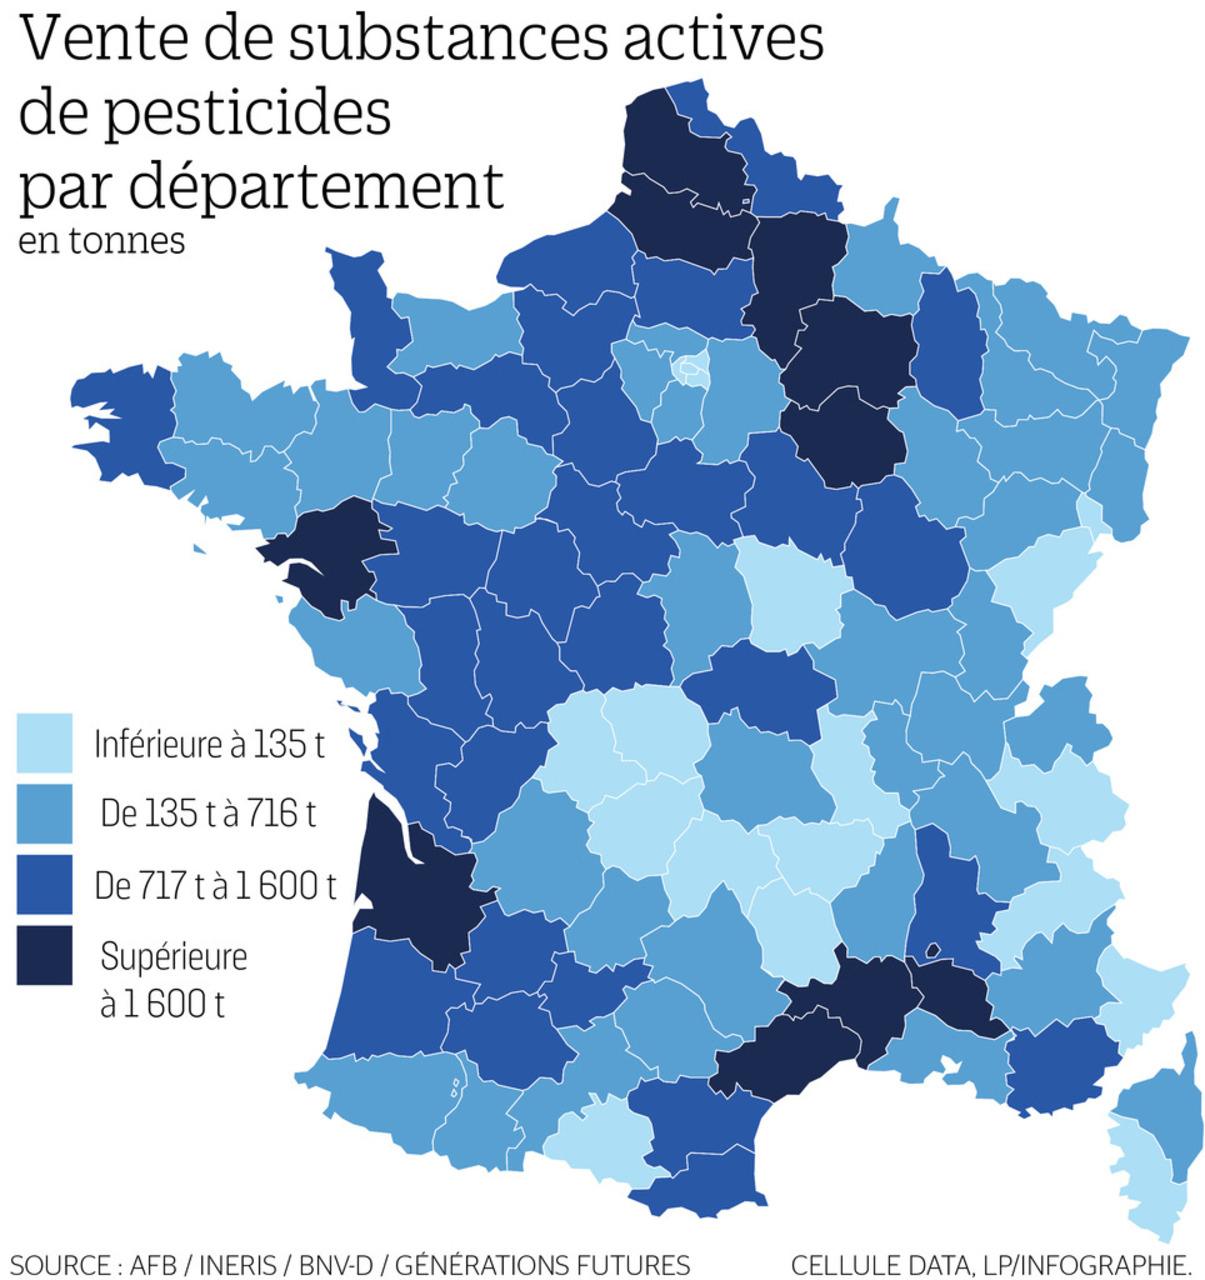 La Carte De France Des Départements Les Plus Consommateurs dedans Jeux Des Départements Français